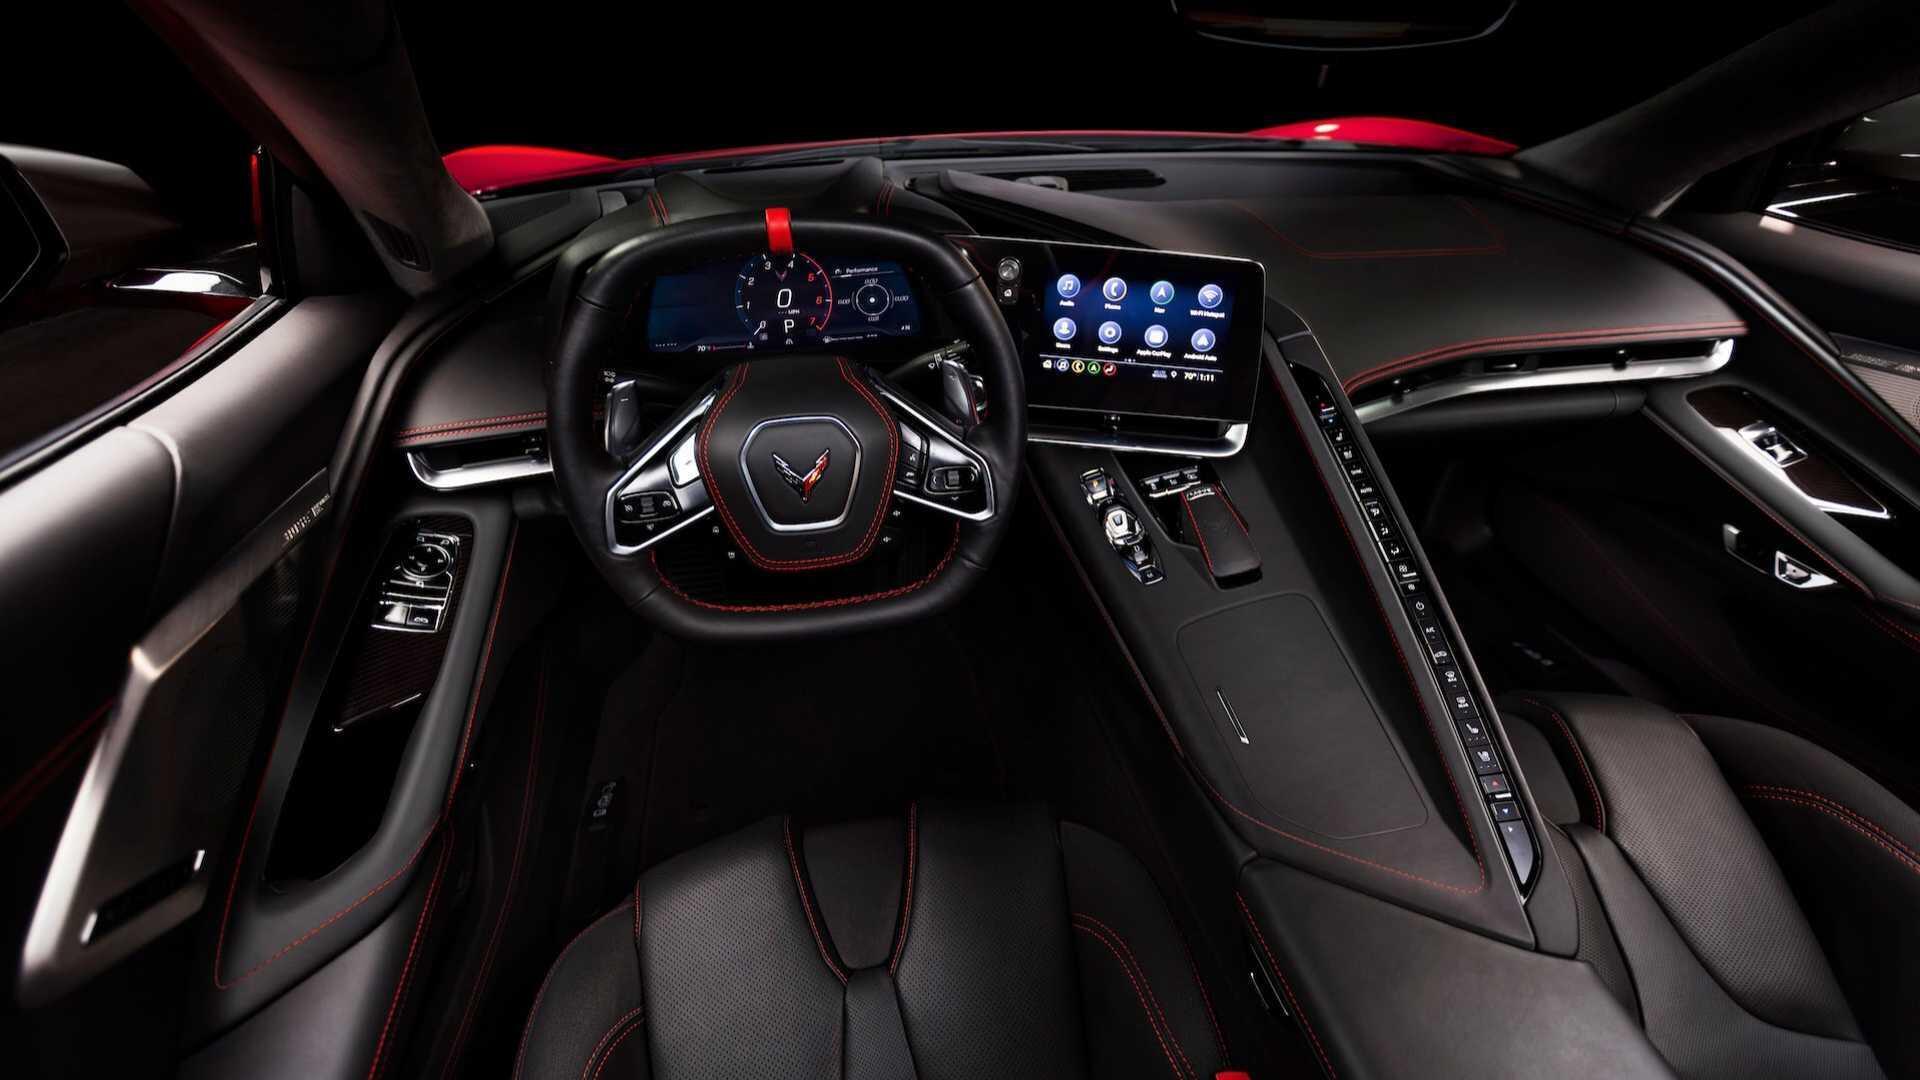 https://cdn.dailyxe.com.vn/image/chevrolet-corvette-2020-co-mot-so-tinh-nang-an-tuyet-voi-78-94577j2.jpg